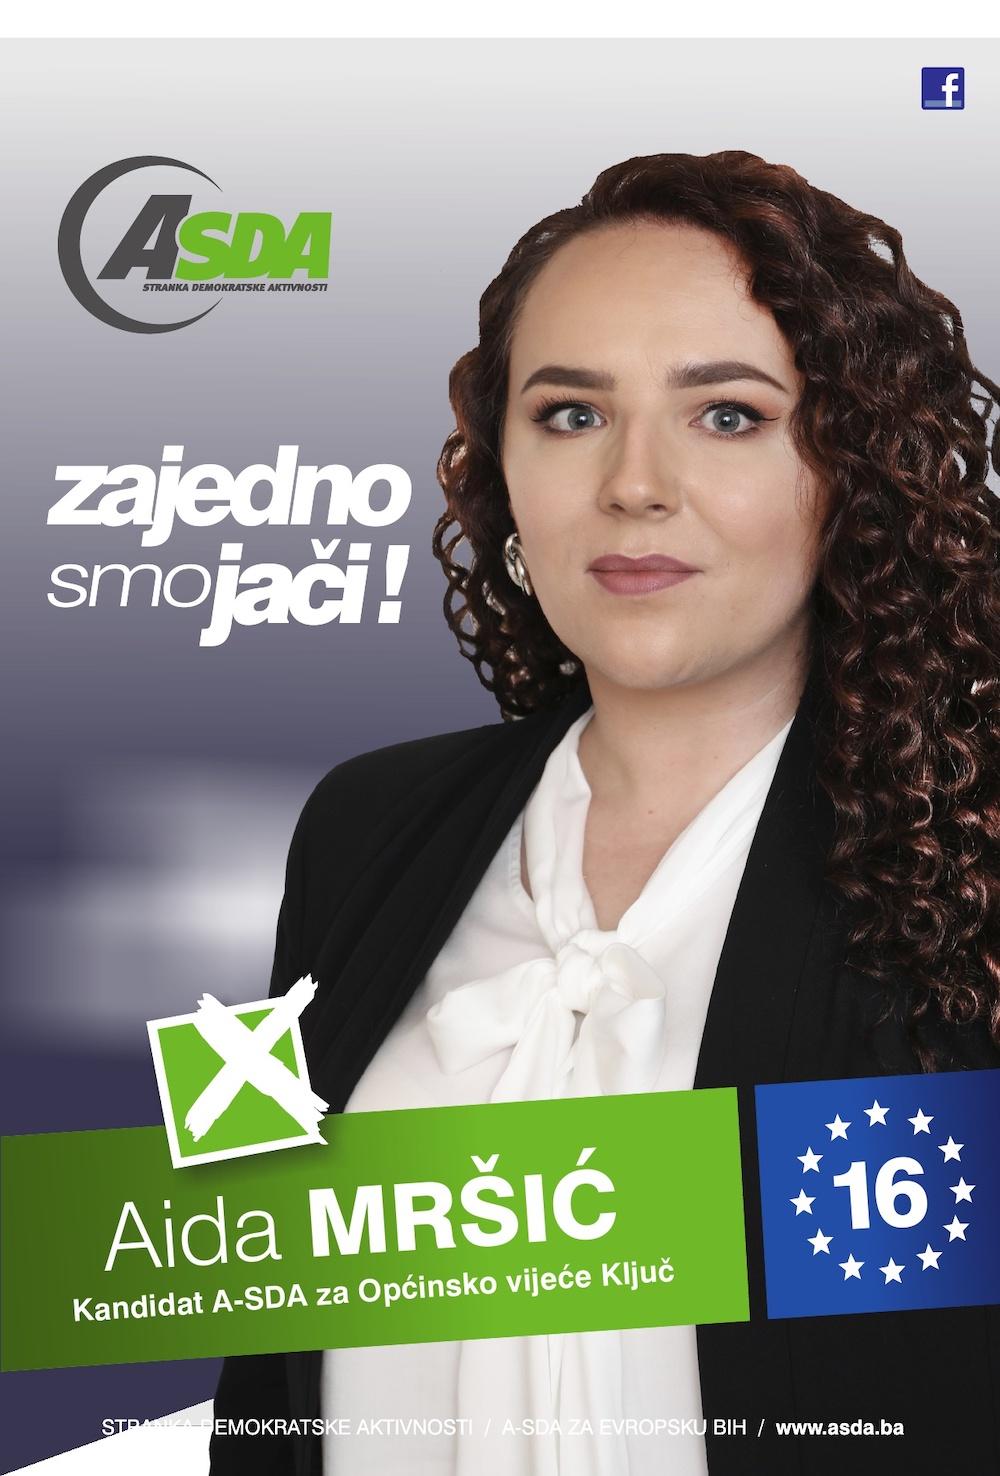 Rođena 12.05.1992. godine u Banja Luci. Osnovnu školu i gimnaziju završila u Ključu. Diplomirala je na Biotehničkom fakultetu Univerziteta u Bihaću i stekla zvanje bachelor zaštite okoliša. Pripravnički staž obavljala […]